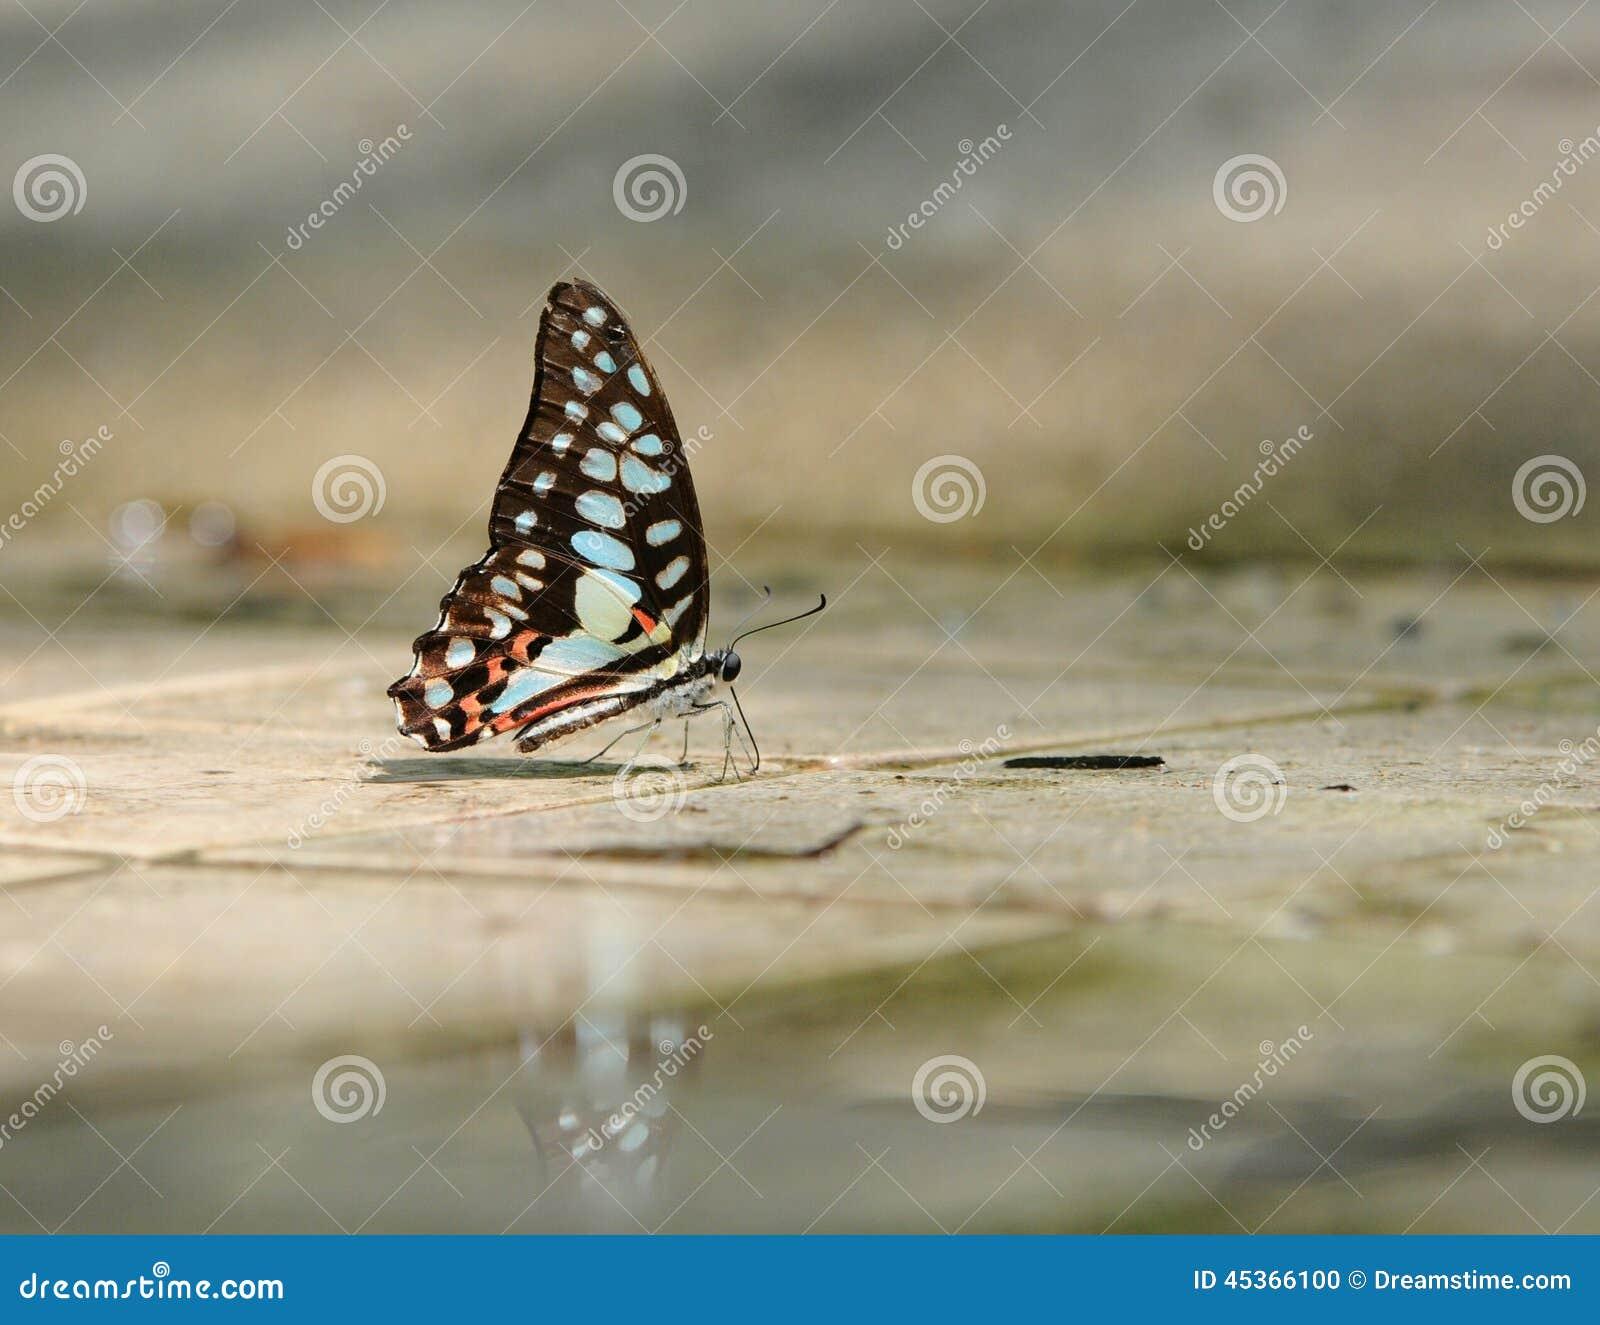 Le papillon se rappellent la jonction